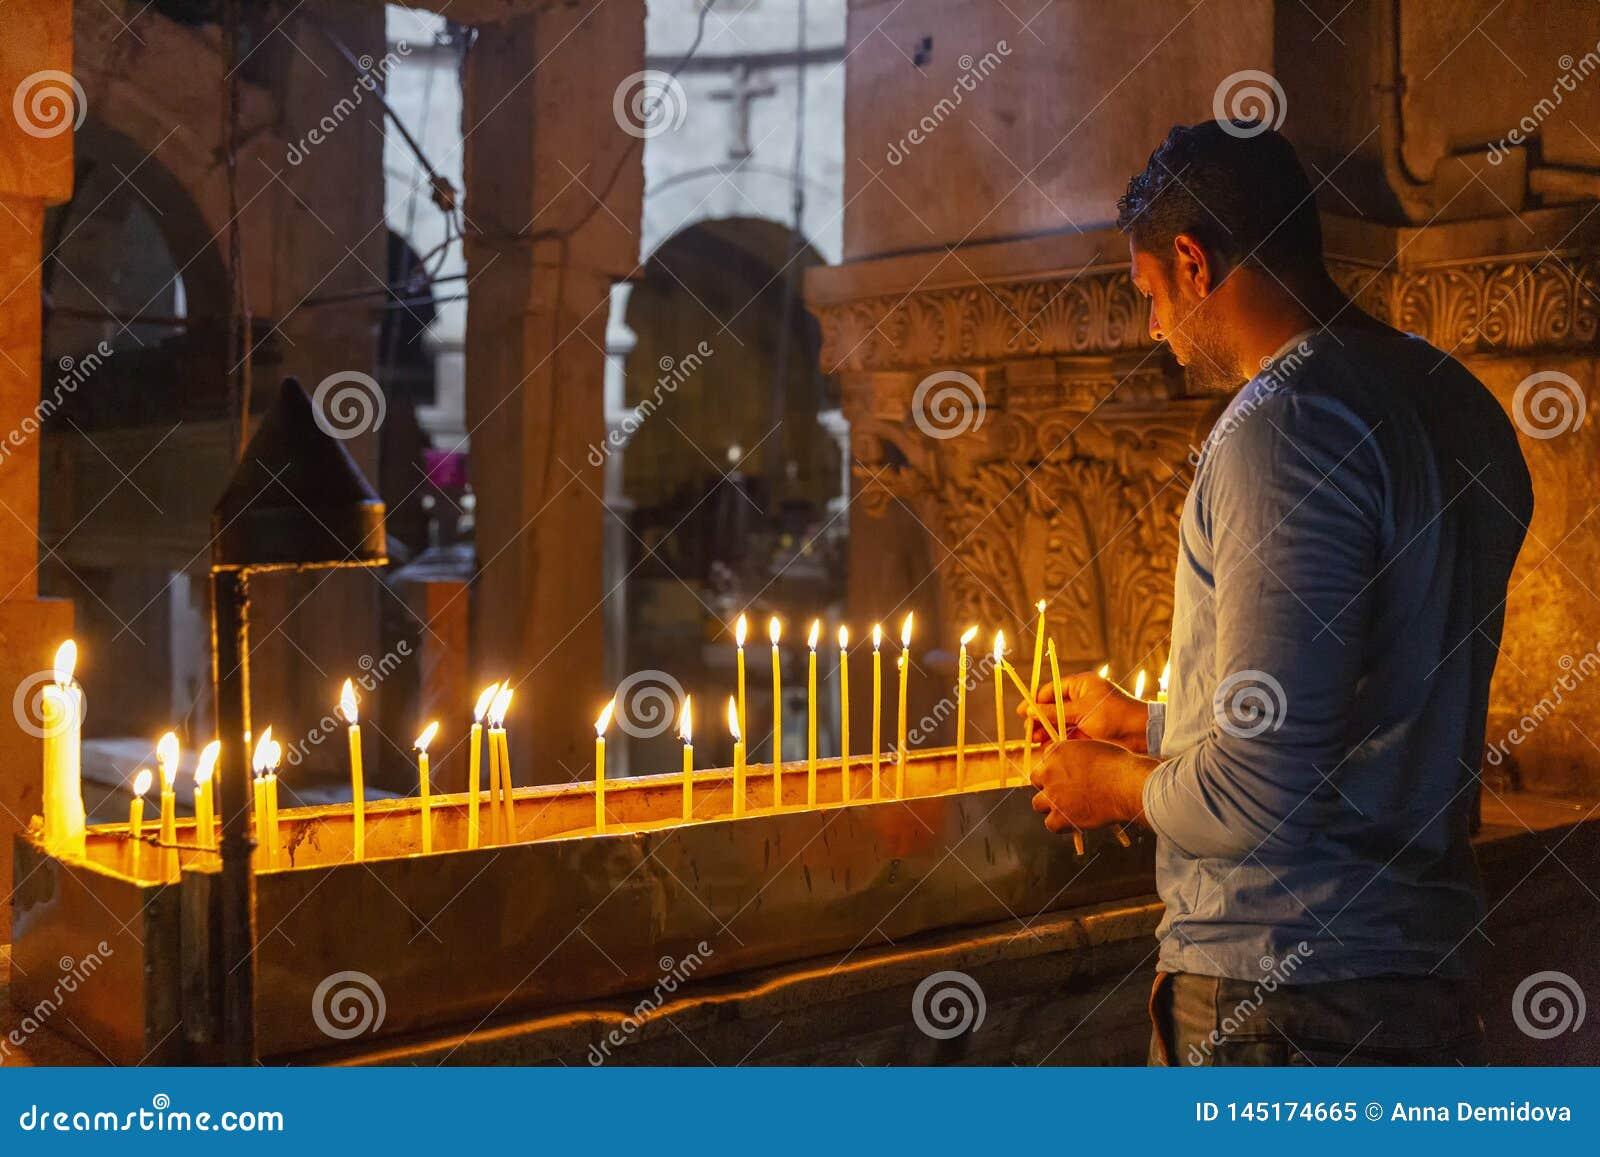 耶路撒冷,以色列,09/11/2016:一个相信的人在圣洁坟墓的寺庙投入蜡烛并且祈祷